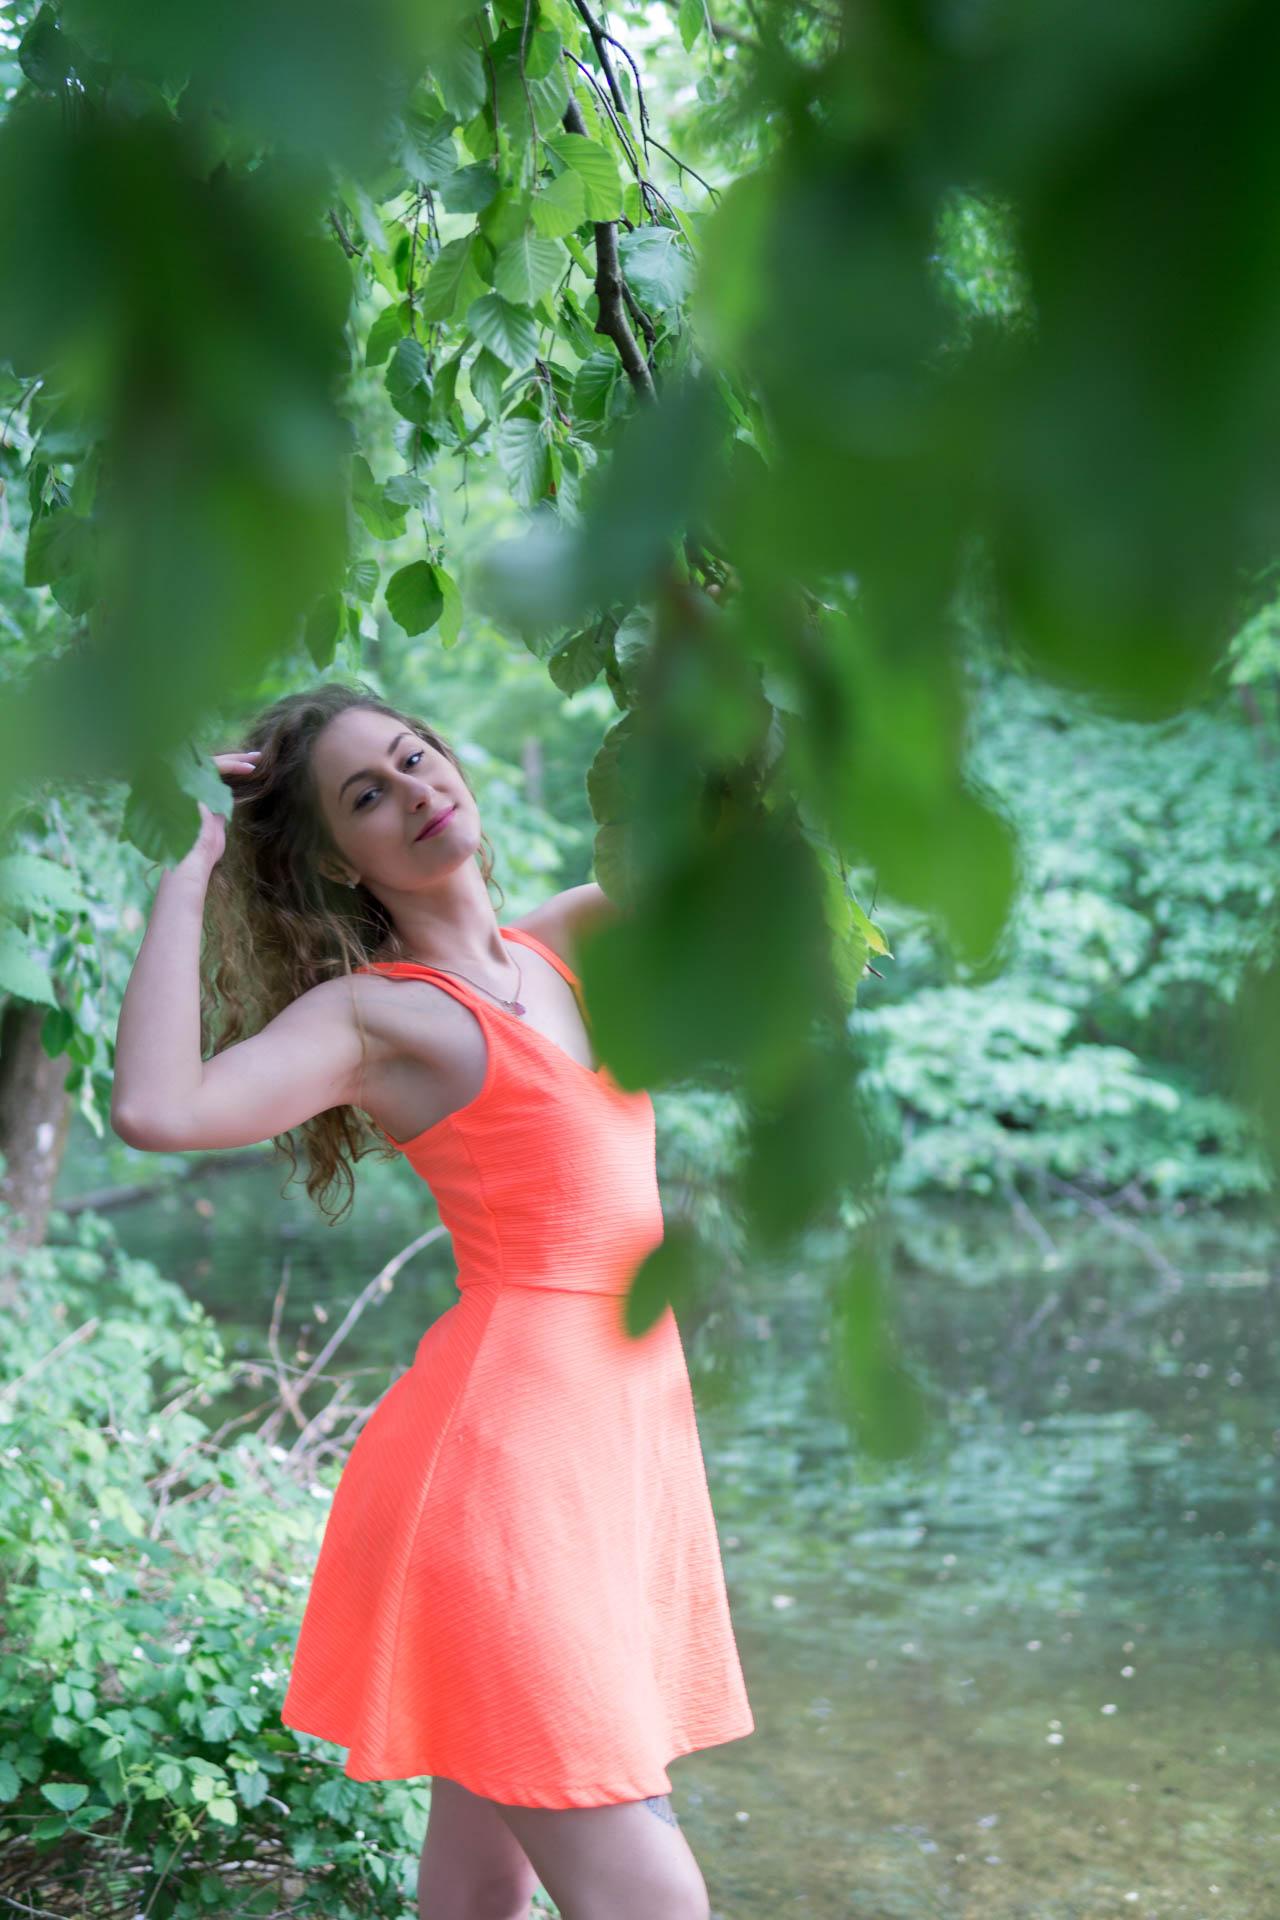 Laura sieht durch die Blätter des Baumes